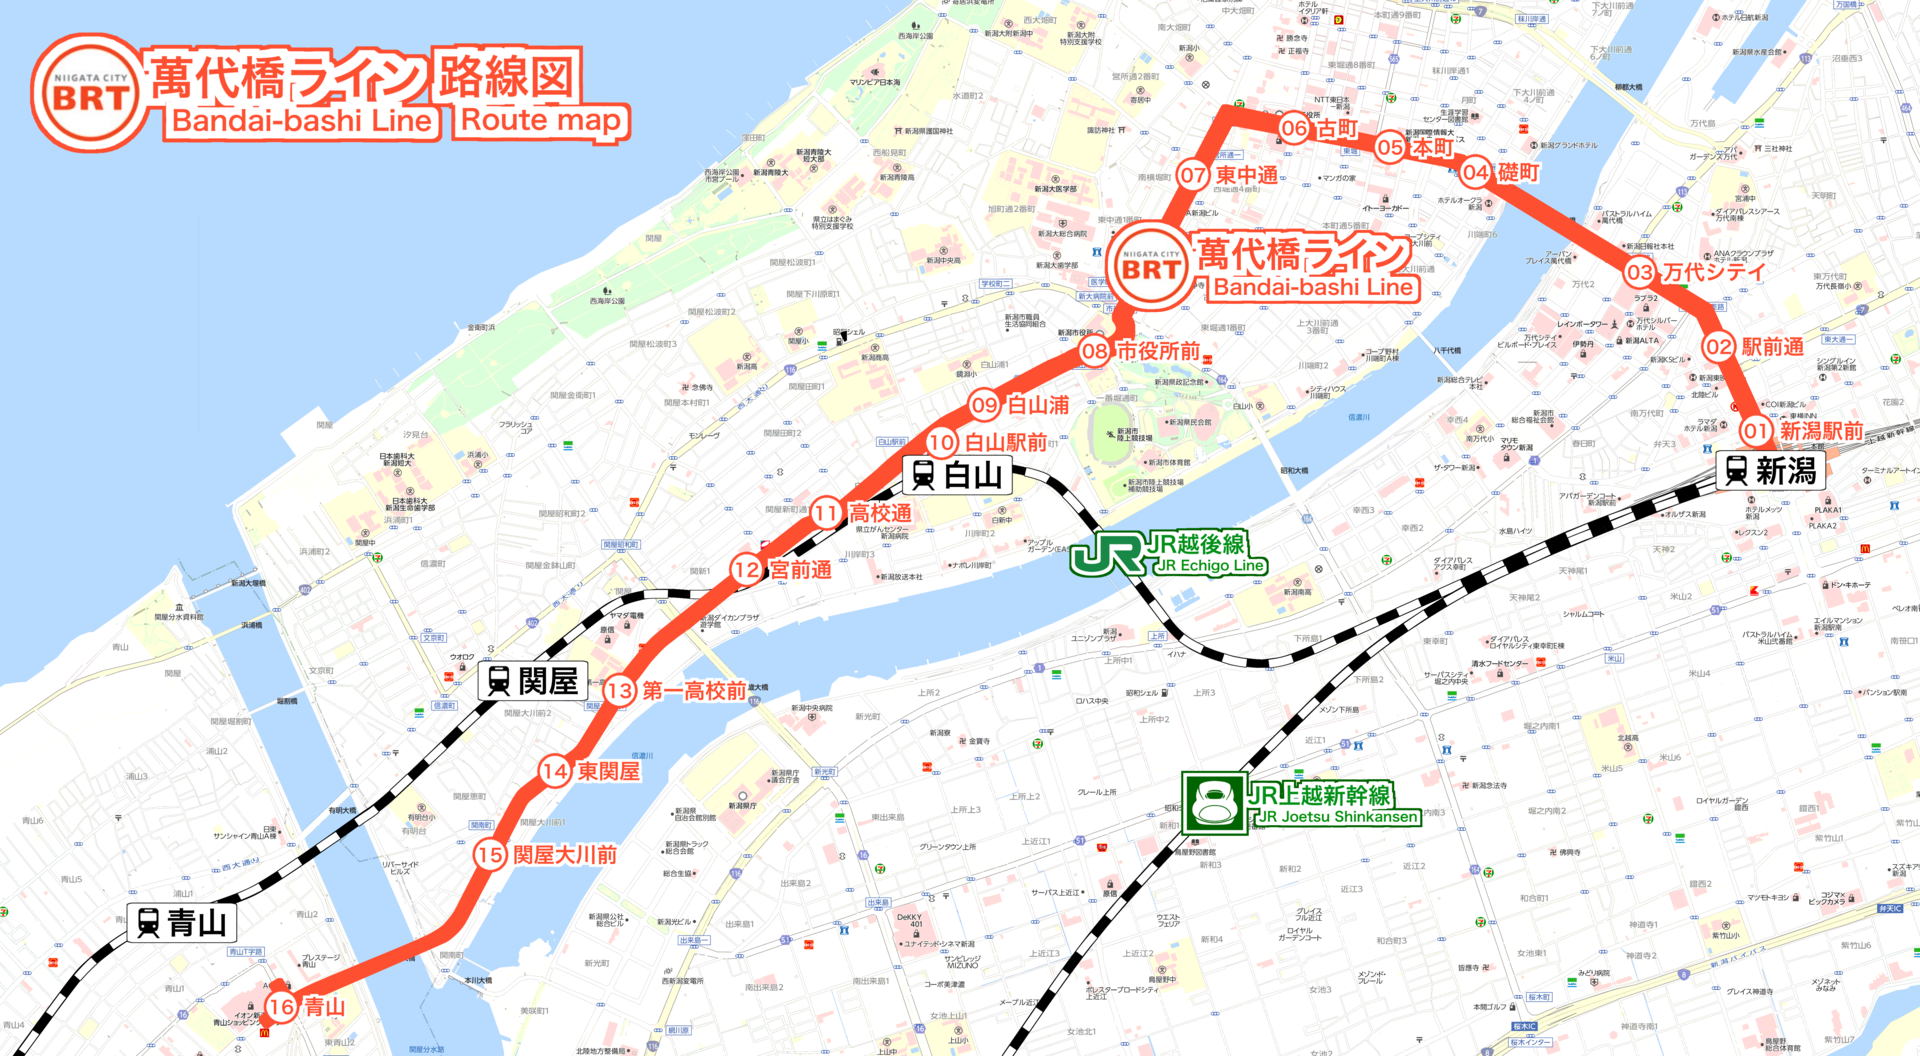 BRTmap2.png